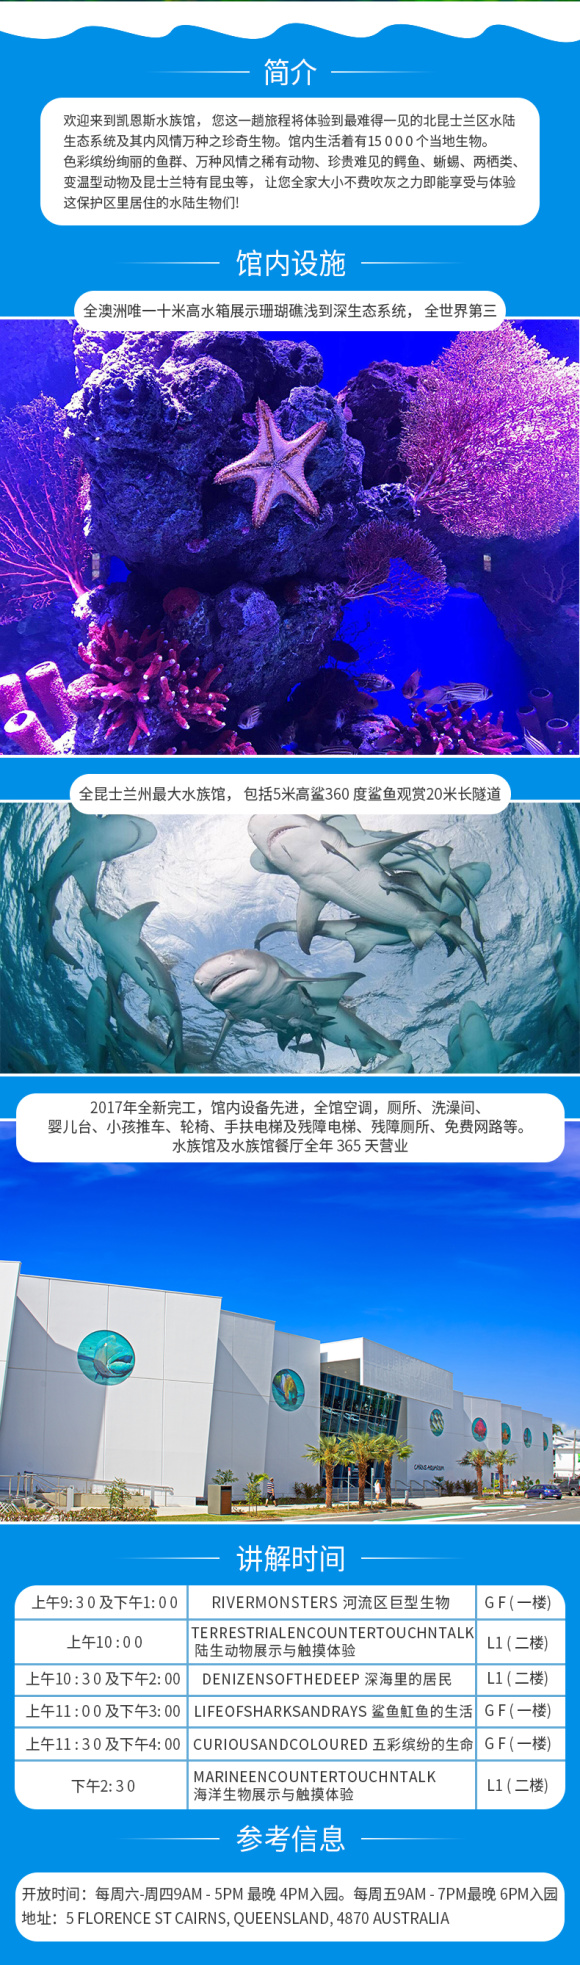 凯恩斯水族馆(探索海洋生物世界 稀有动物 2017年全新